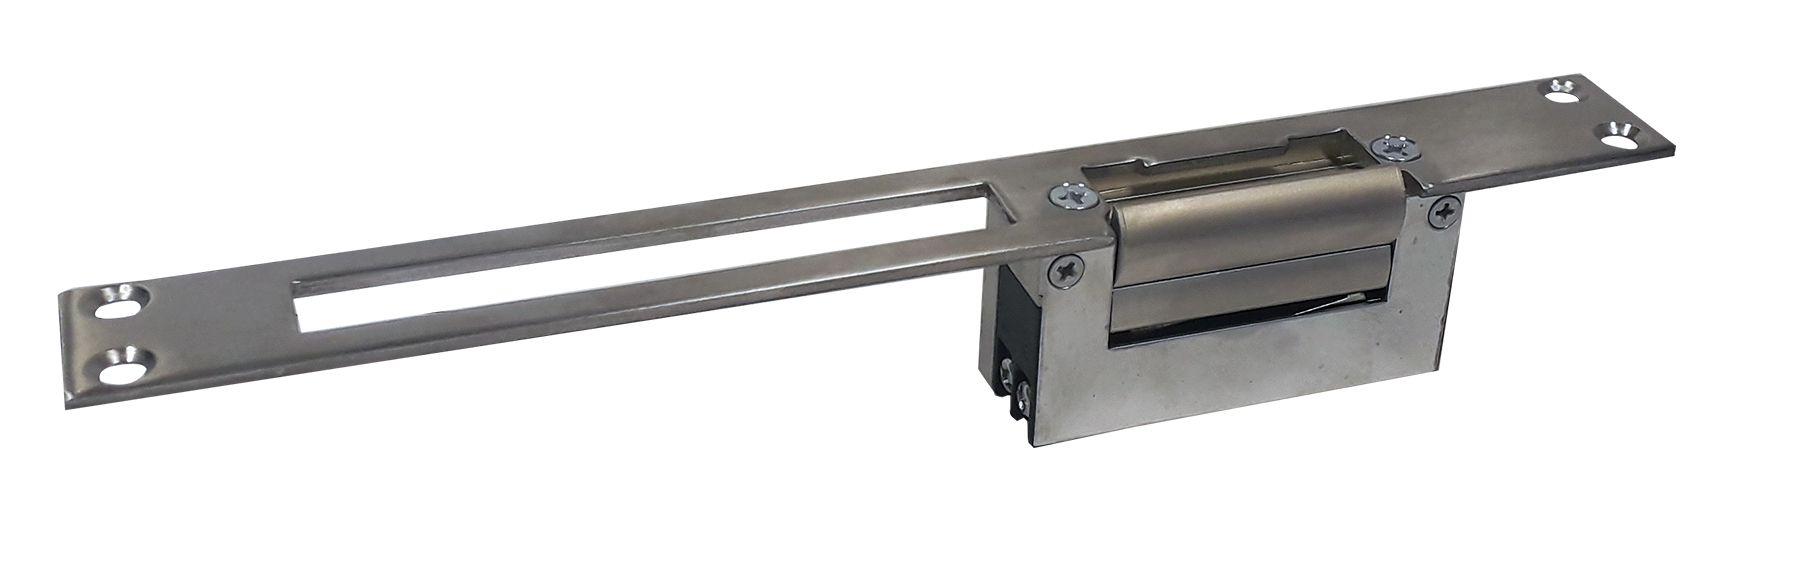 Fecho Elétrico-Magnético Dovale Fecho Longo D-10 - 40086